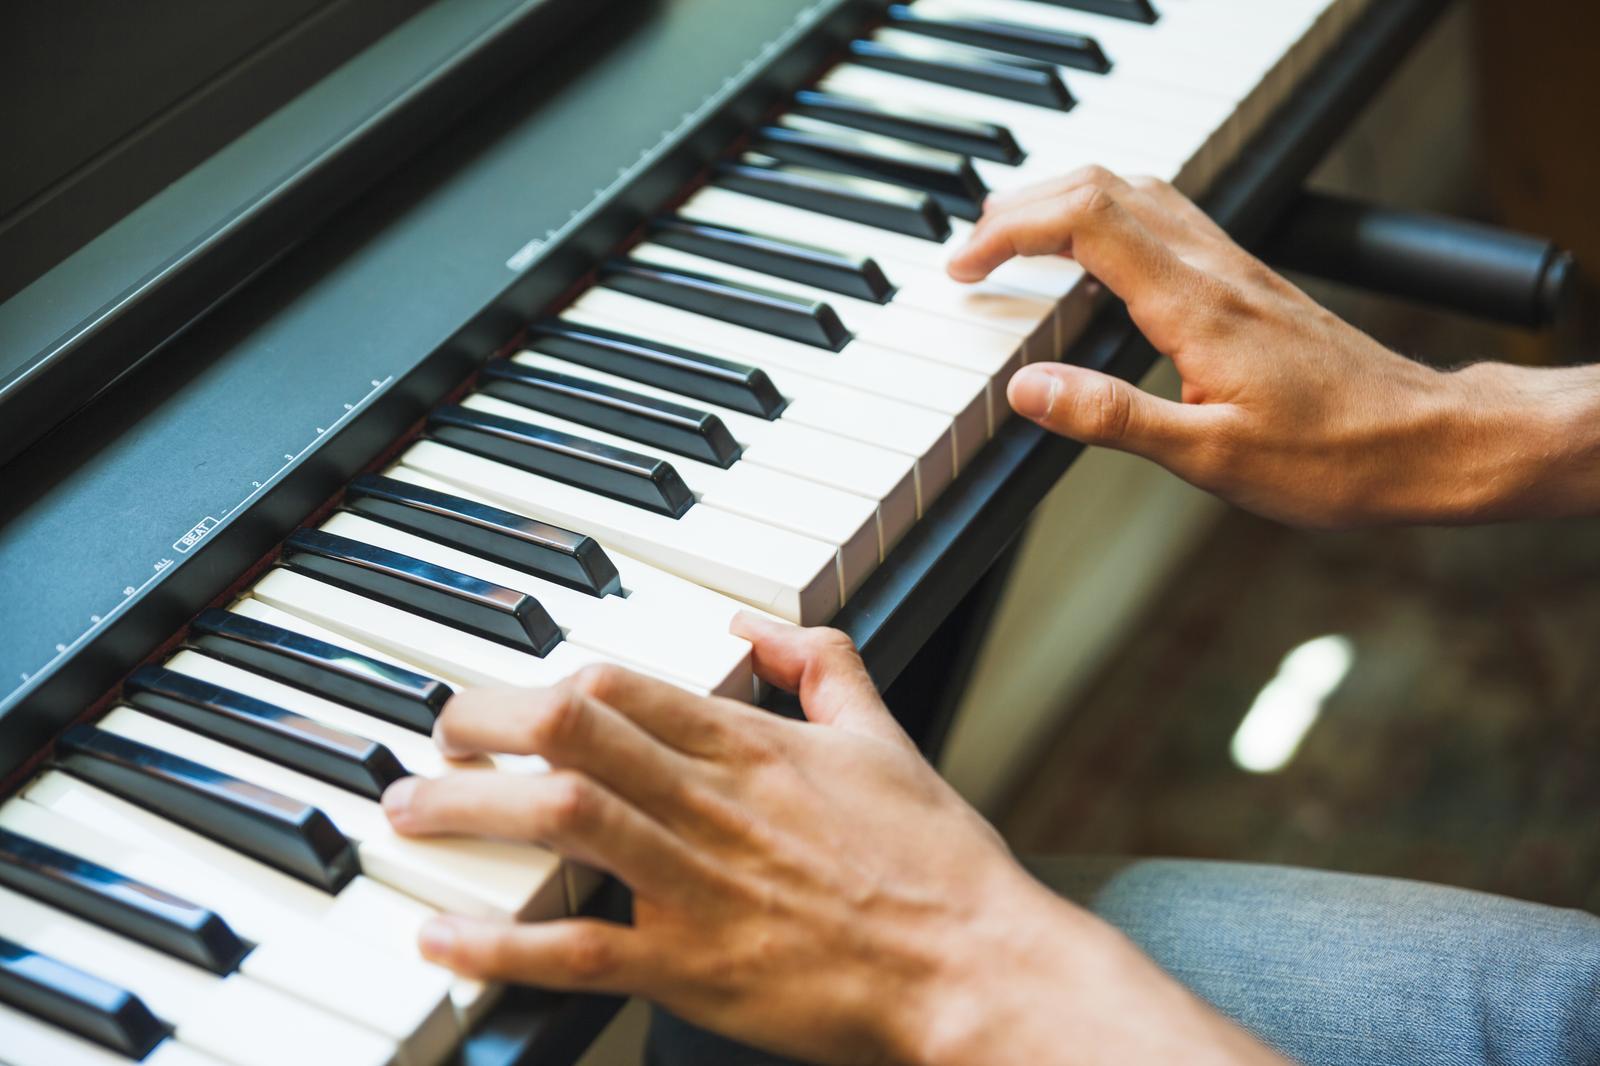 Muusika- ja kunstikoolitus Maardus